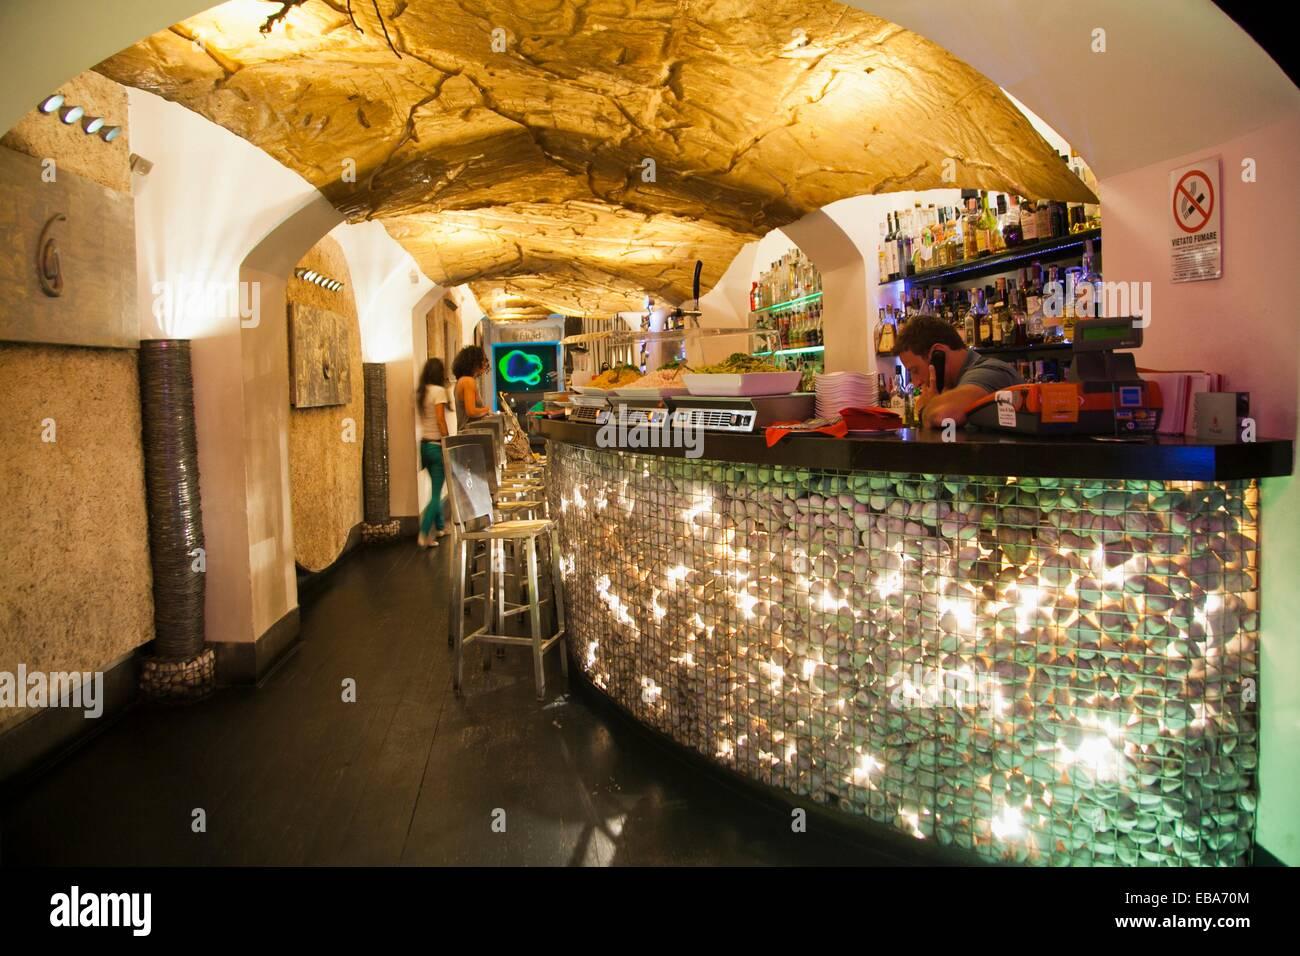 Il fluido Cocktail & wine bar, Via del Governo Vecchio, Roma, lazio, Italy. Immagini Stock